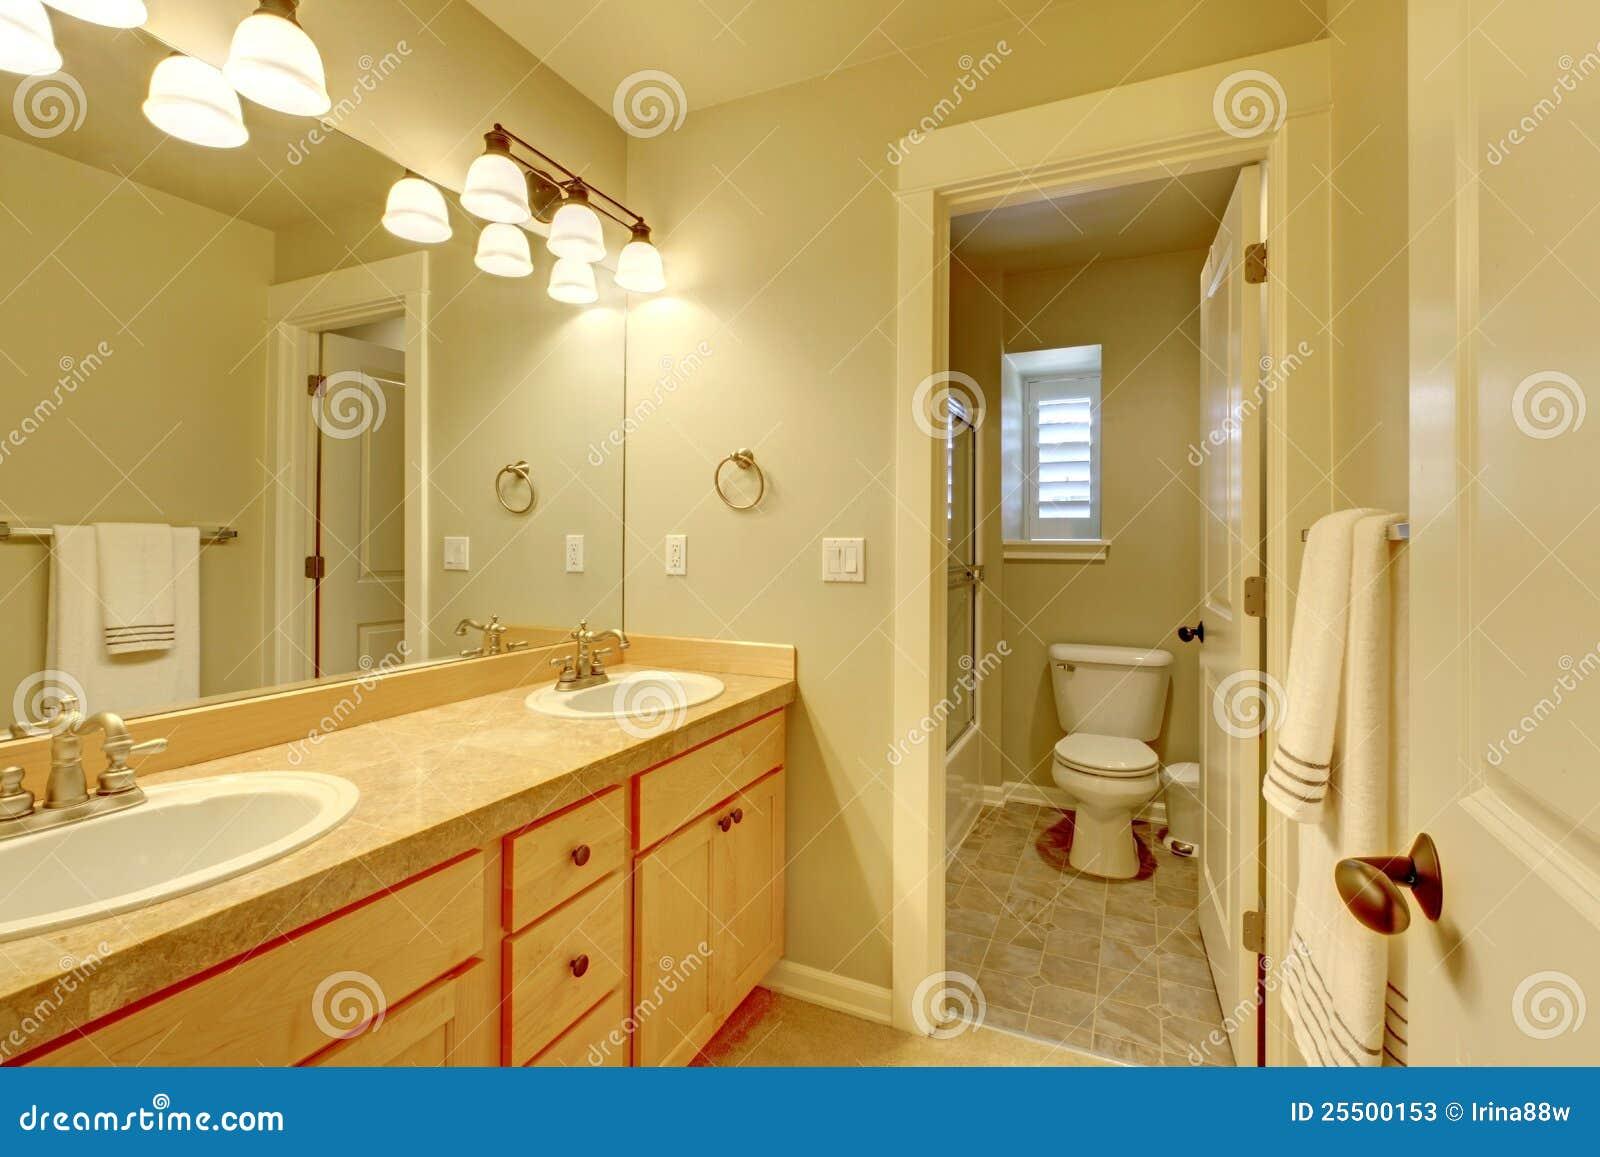 Banheiro Do Dissipador Do Clássico Dois Na Cor Bege. Fotos de Stock  #7F3A0C 1300 957